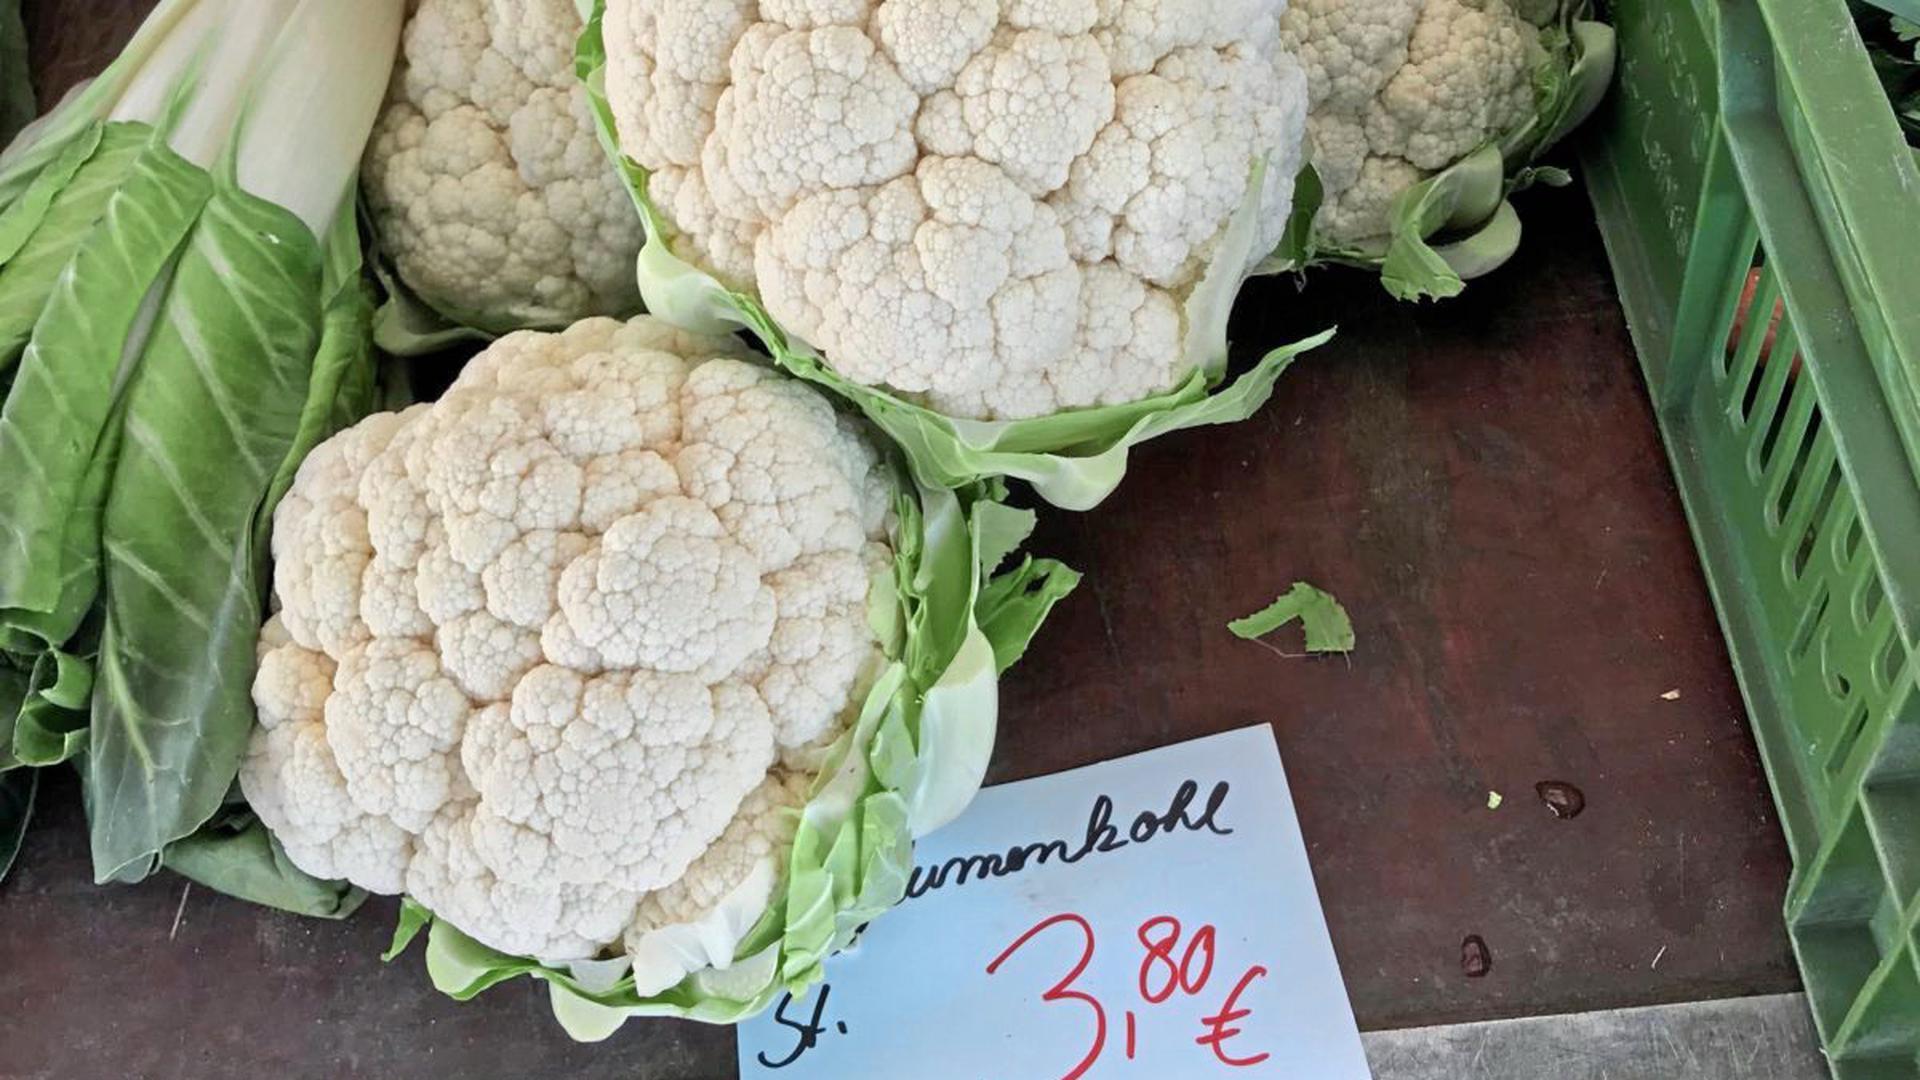 Auf einem Karlsruher Wochenmarkt kostete italienischer Blumenkohl 3,80 Euro das Stück.